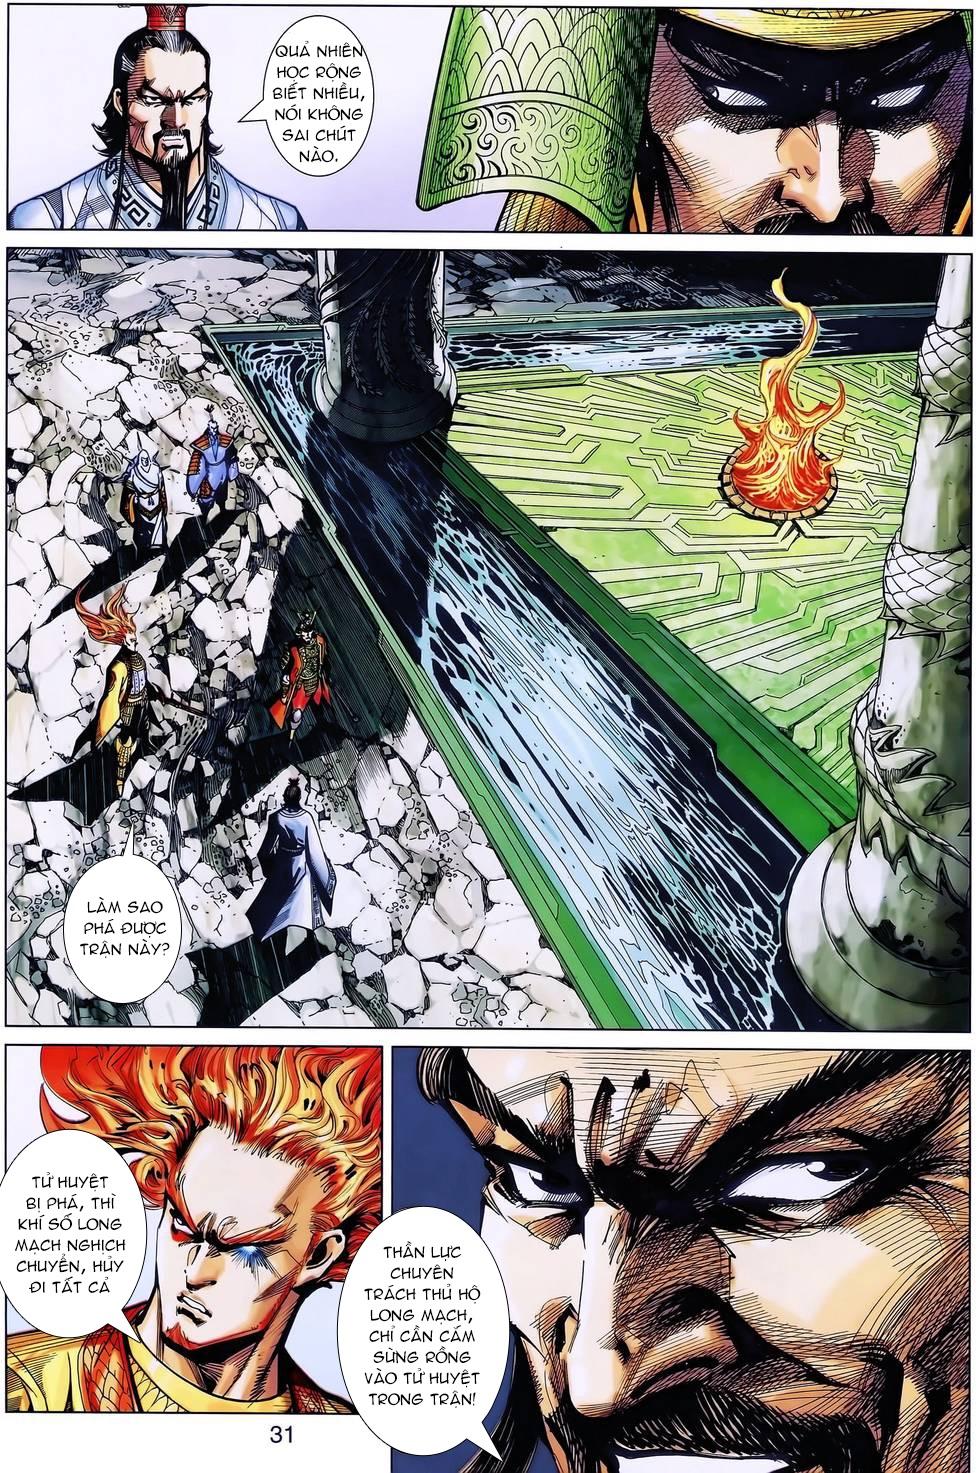 Thần binh huyền kỳ 3 - 3.5 tập 172 - 17